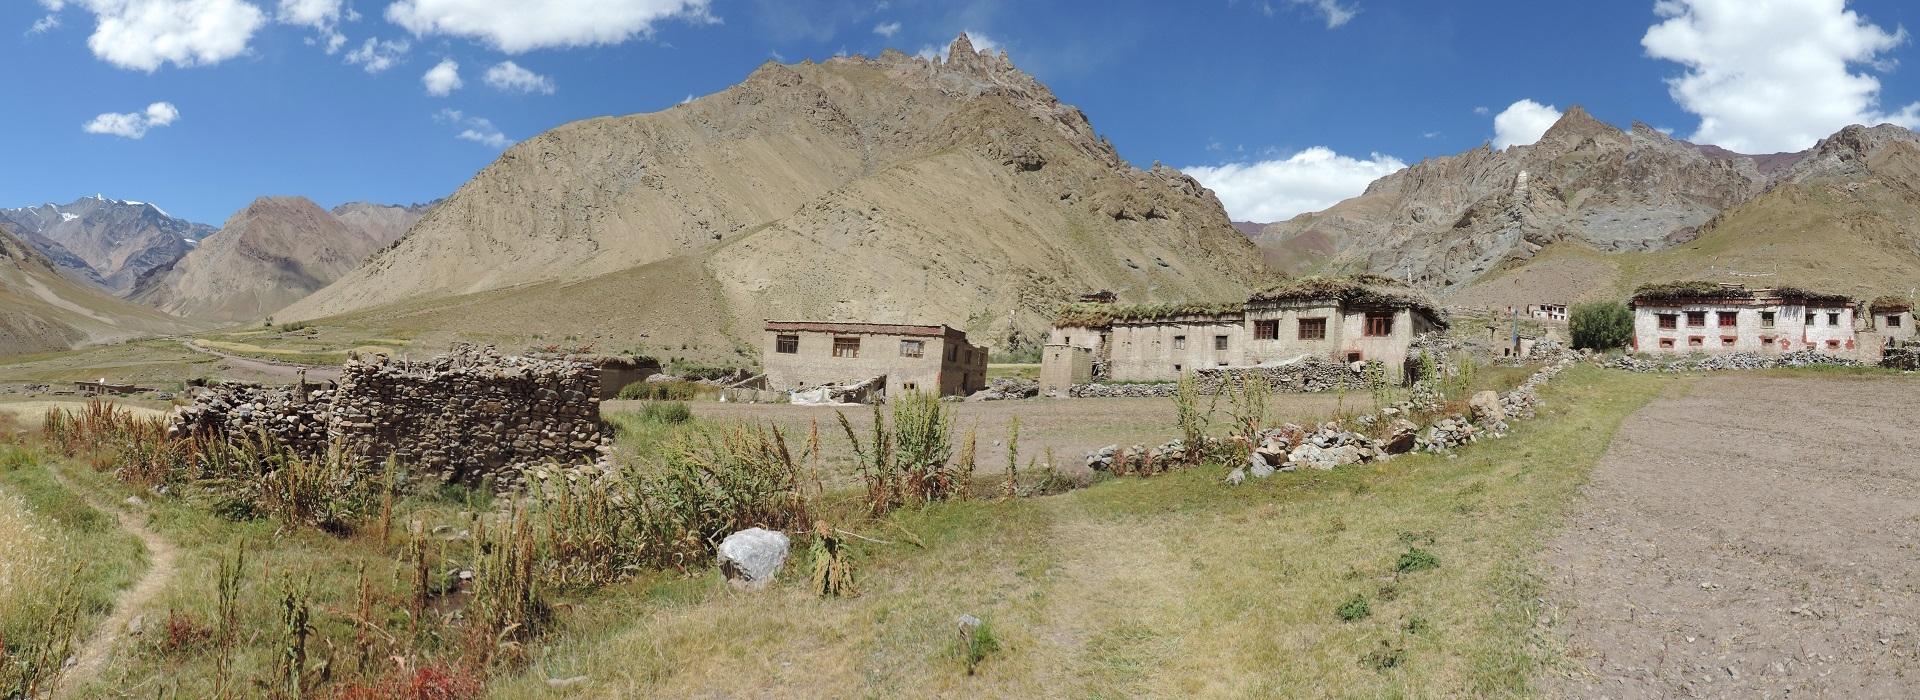 Zanskar - The hard way